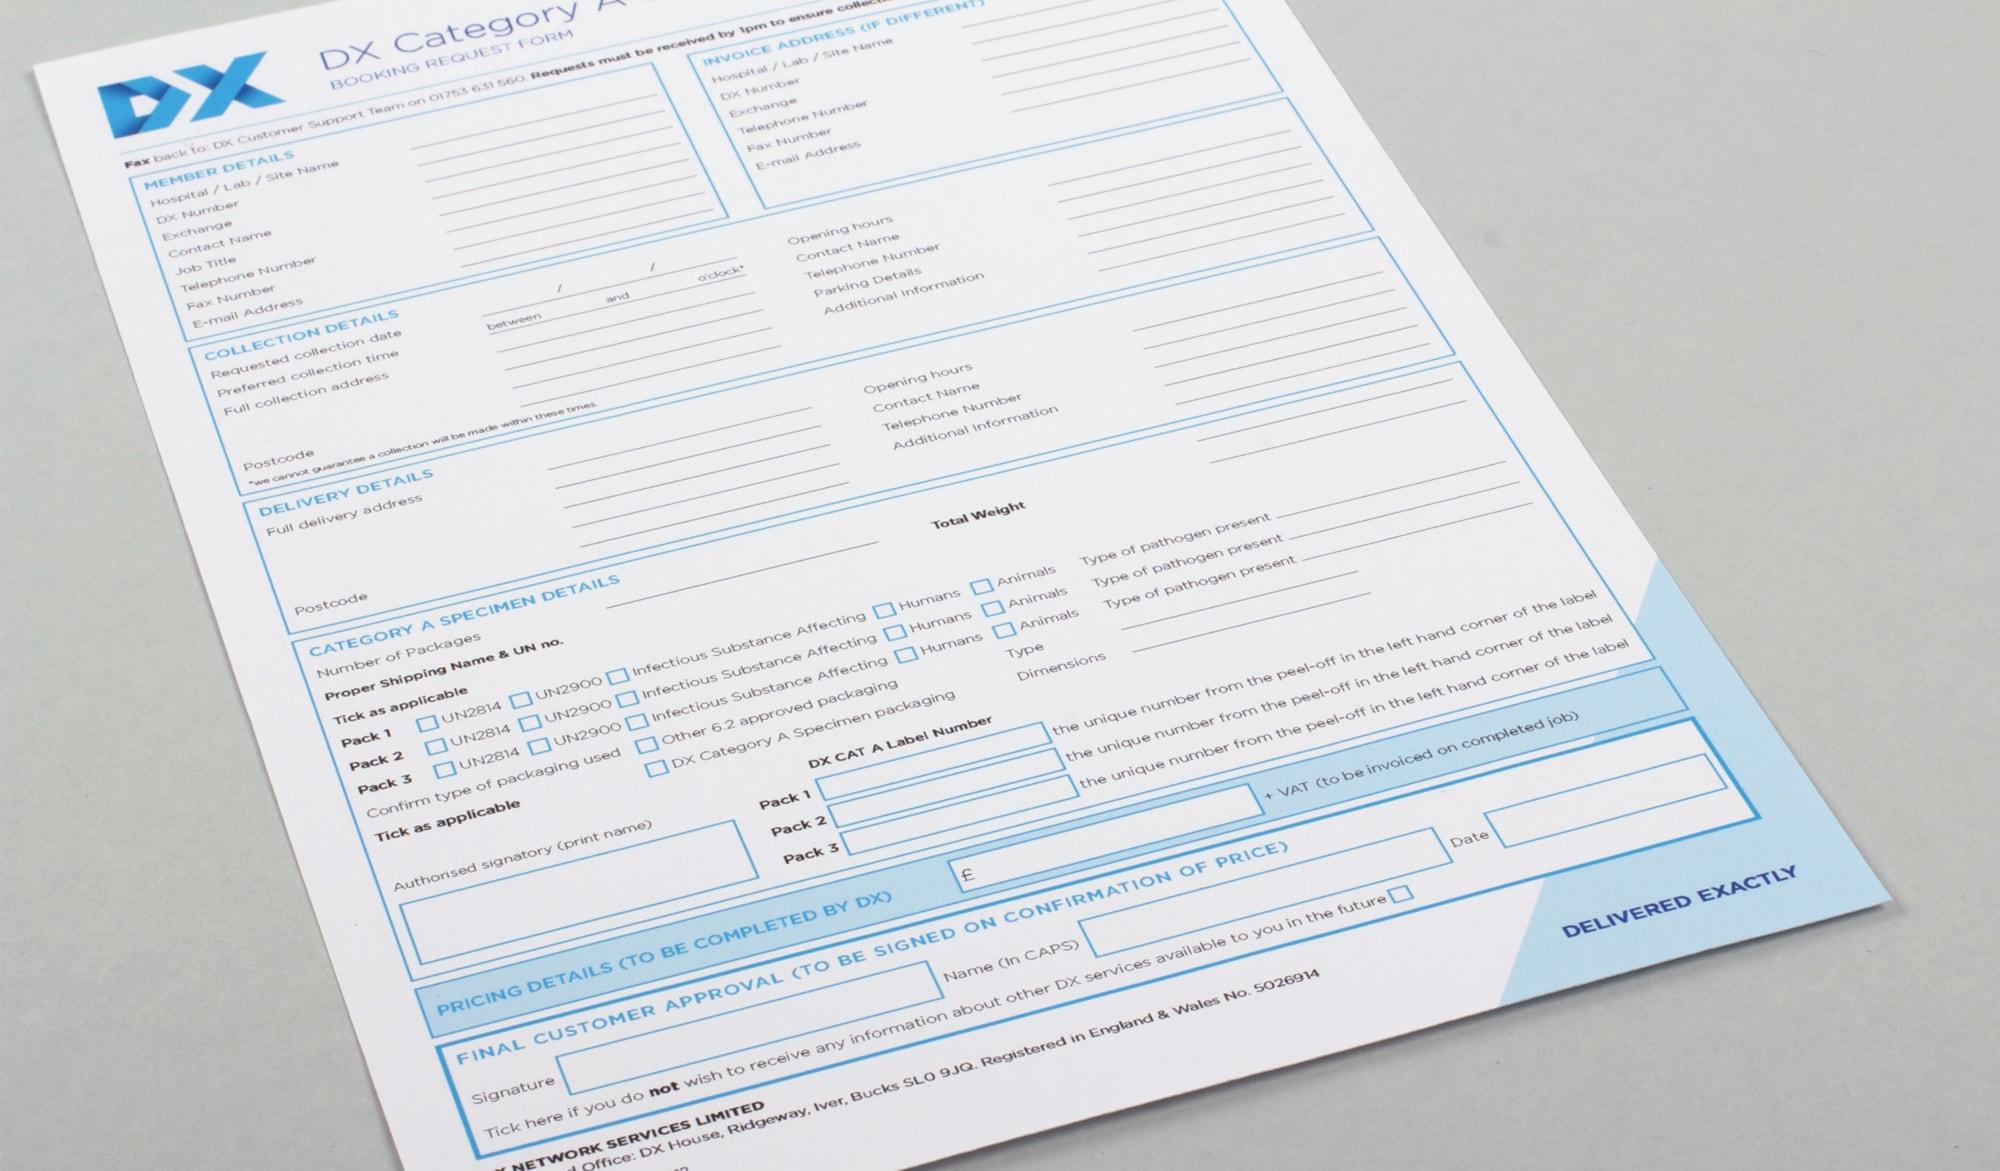 DX customer order form